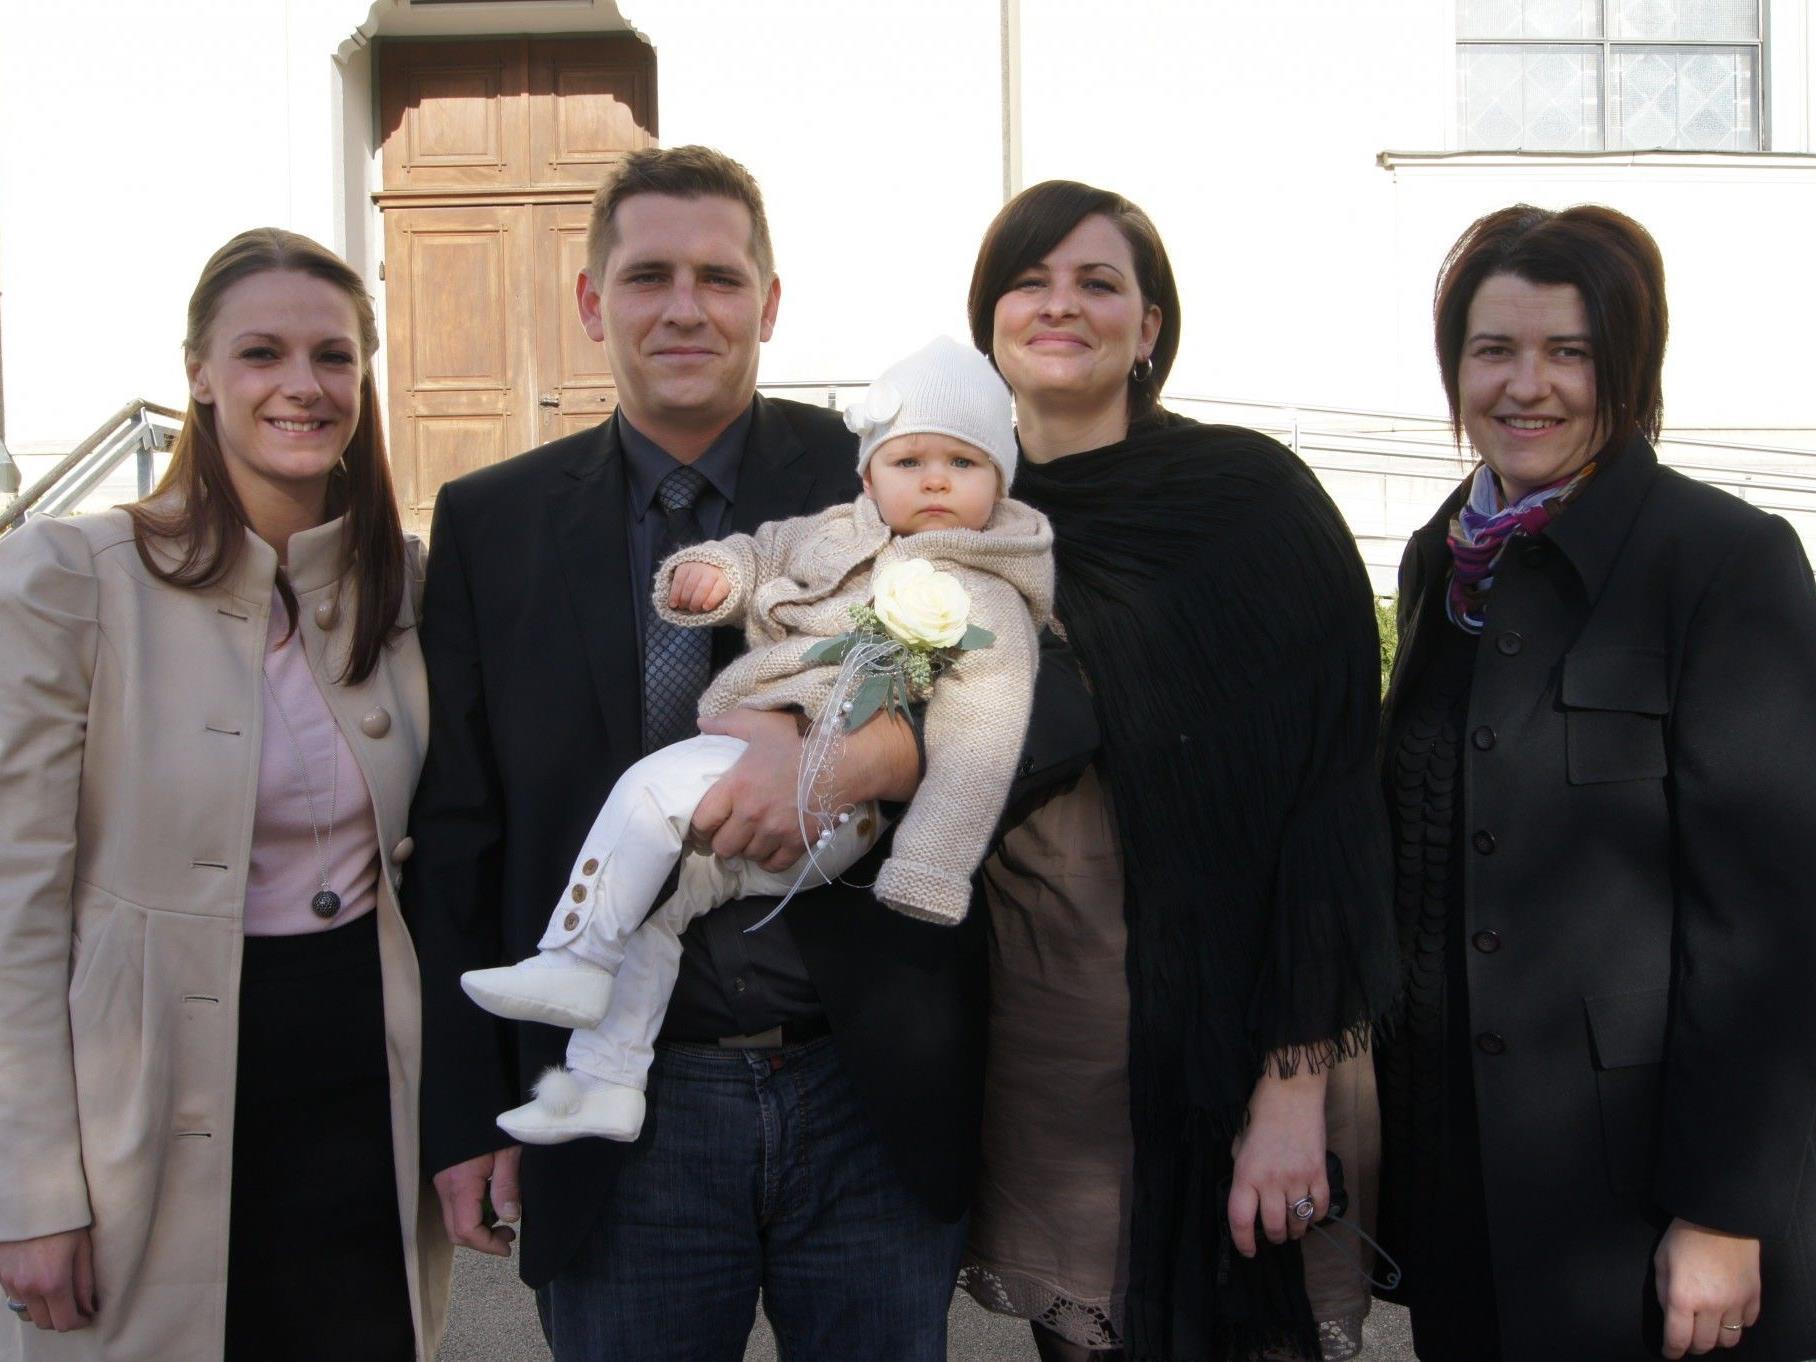 Mia Margret Hagspiel empfing in der Kapelle Hatlerdorf das Sakrament der Taufe.